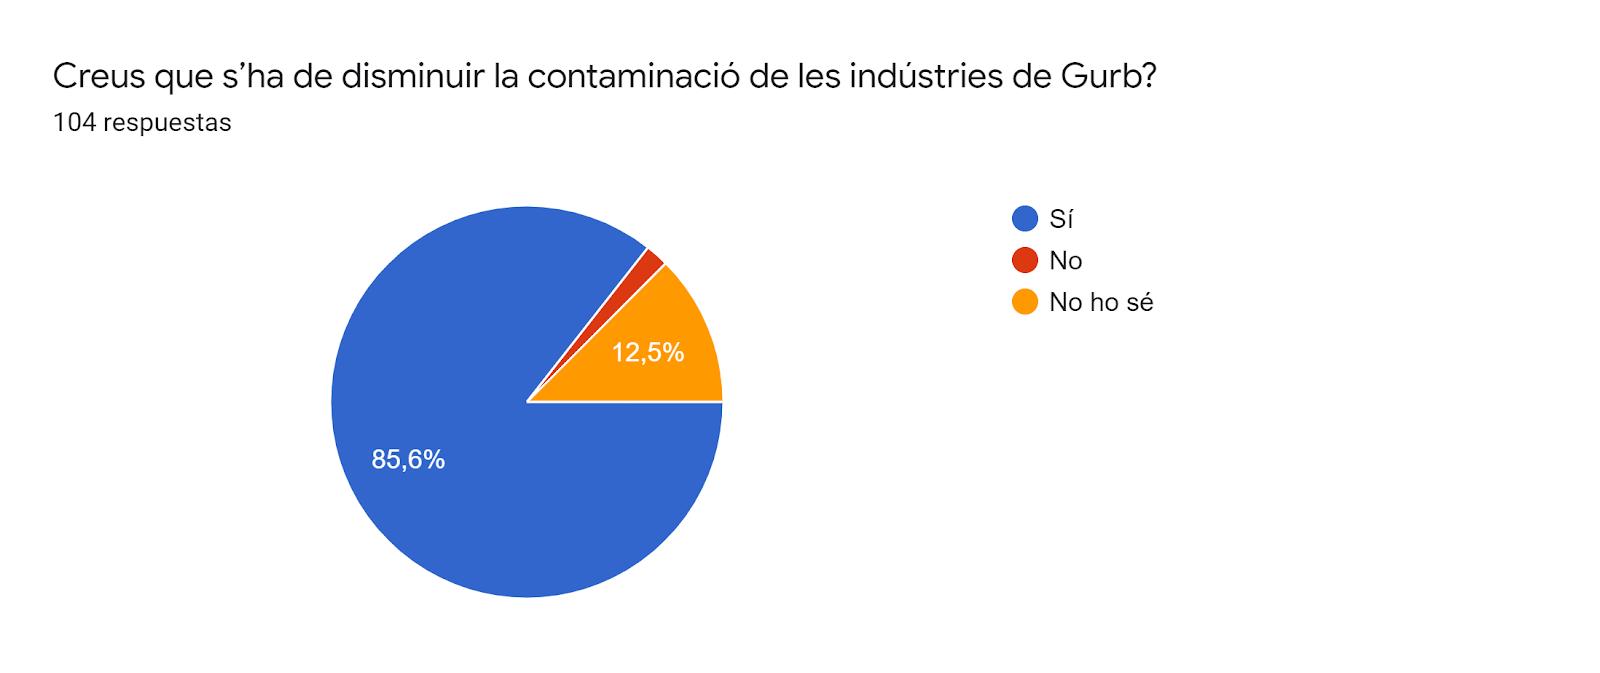 Gráfico de respuestas de formularios. Título de la pregunta:Creus que s'ha de disminuir la contaminació de les indústries de Gurb?. Número de respuestas:104 respuestas.